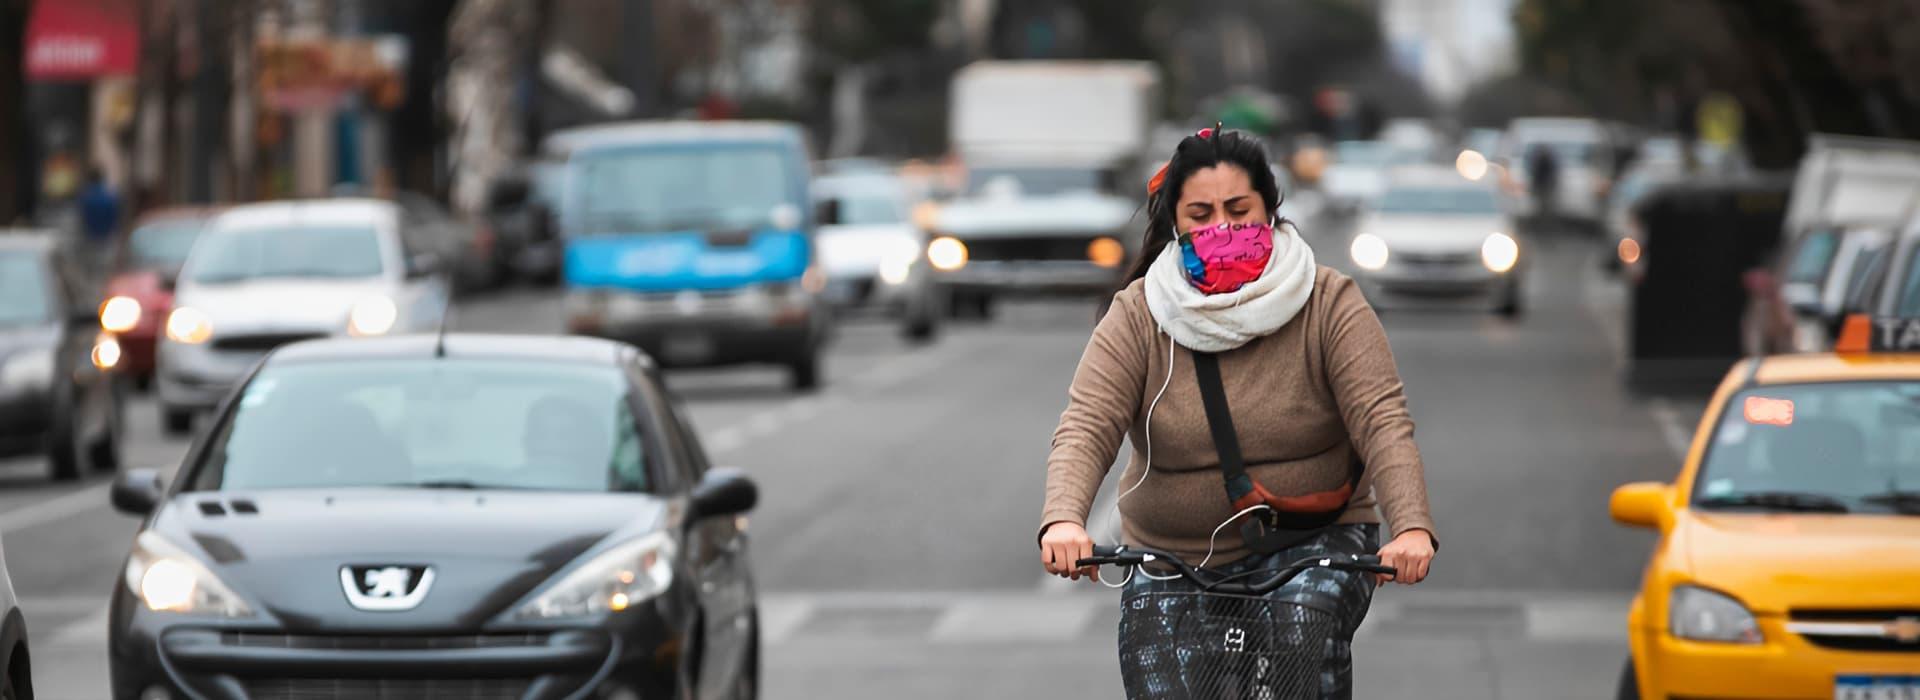 Imagen | Impacto directo en la movilidad urbana